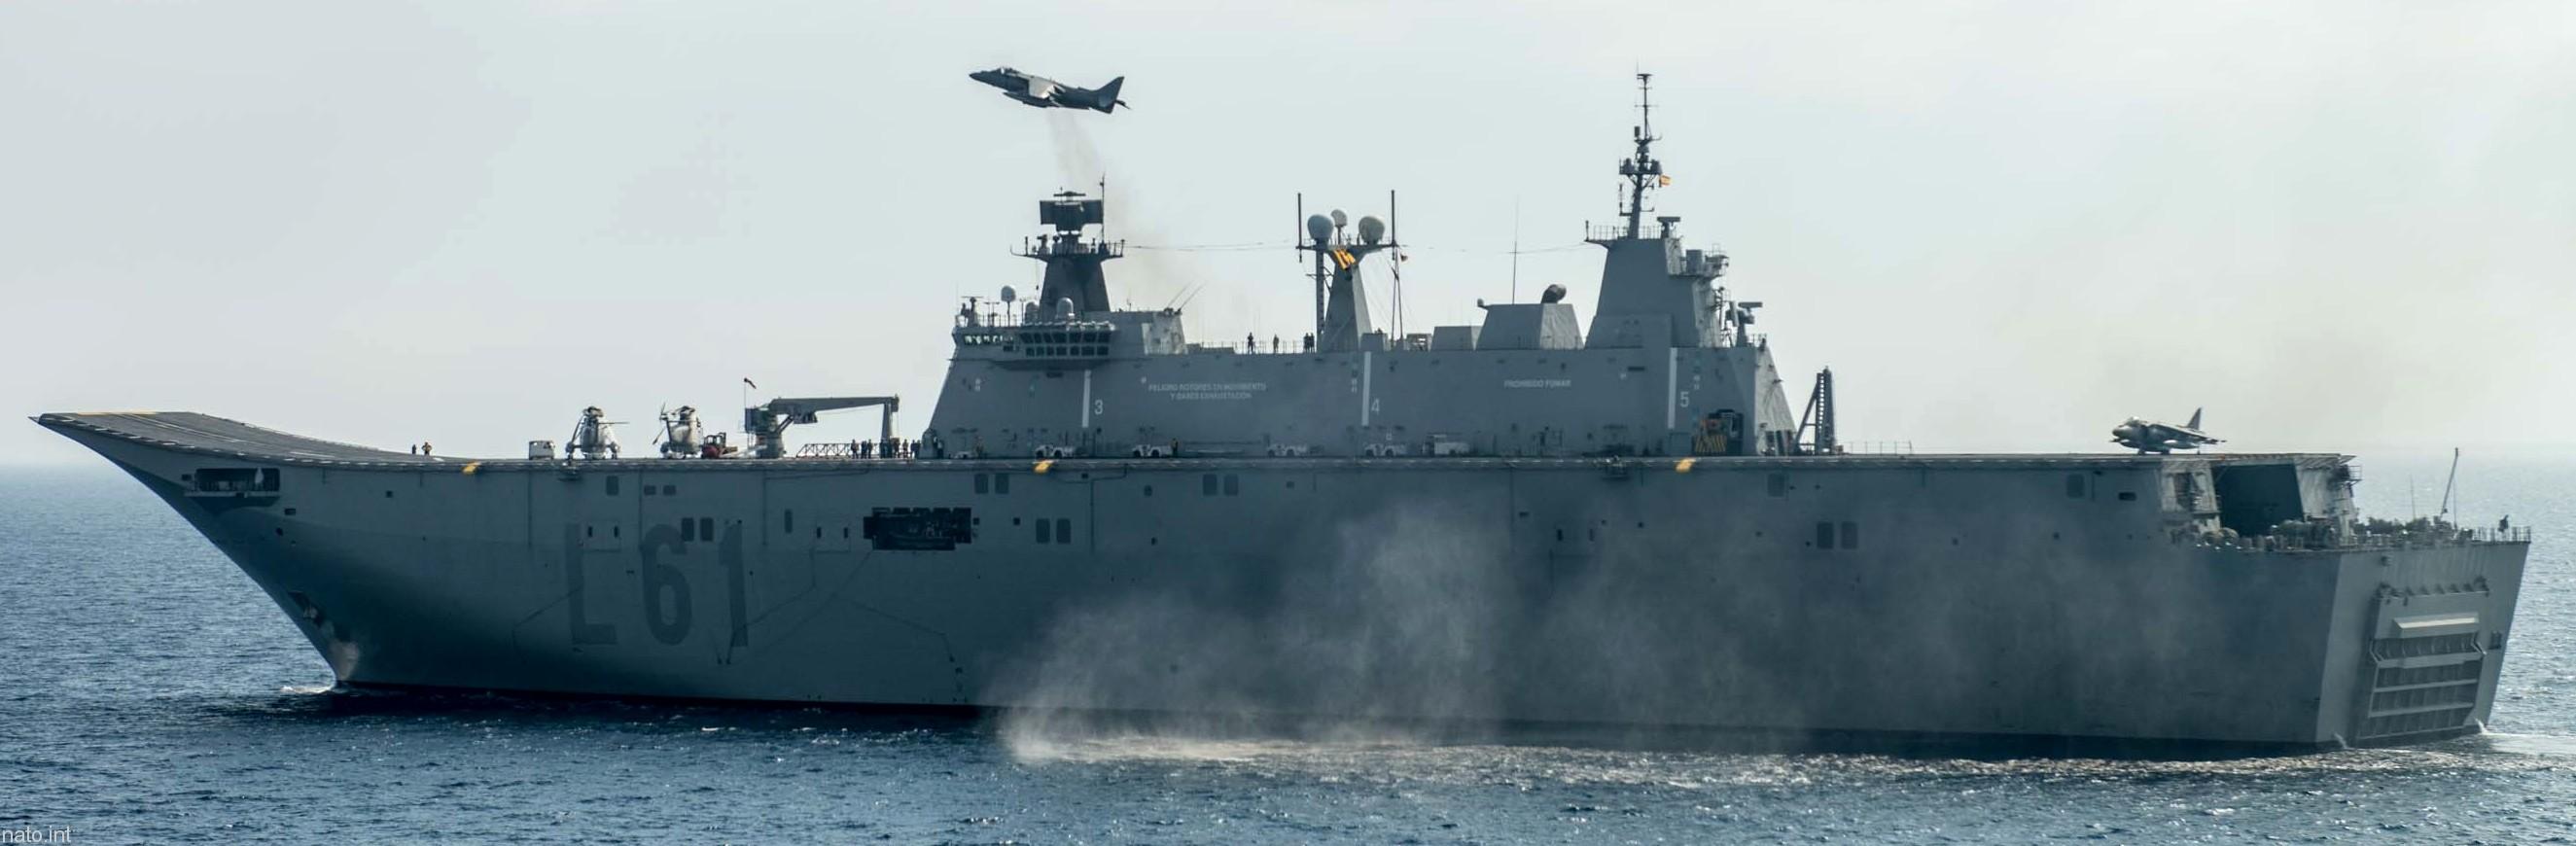 SPS Juan Carlos I L-61 Amphibious Ship Aircraft Carrier ...Spanish Aircraft Carrier Juan Carlos